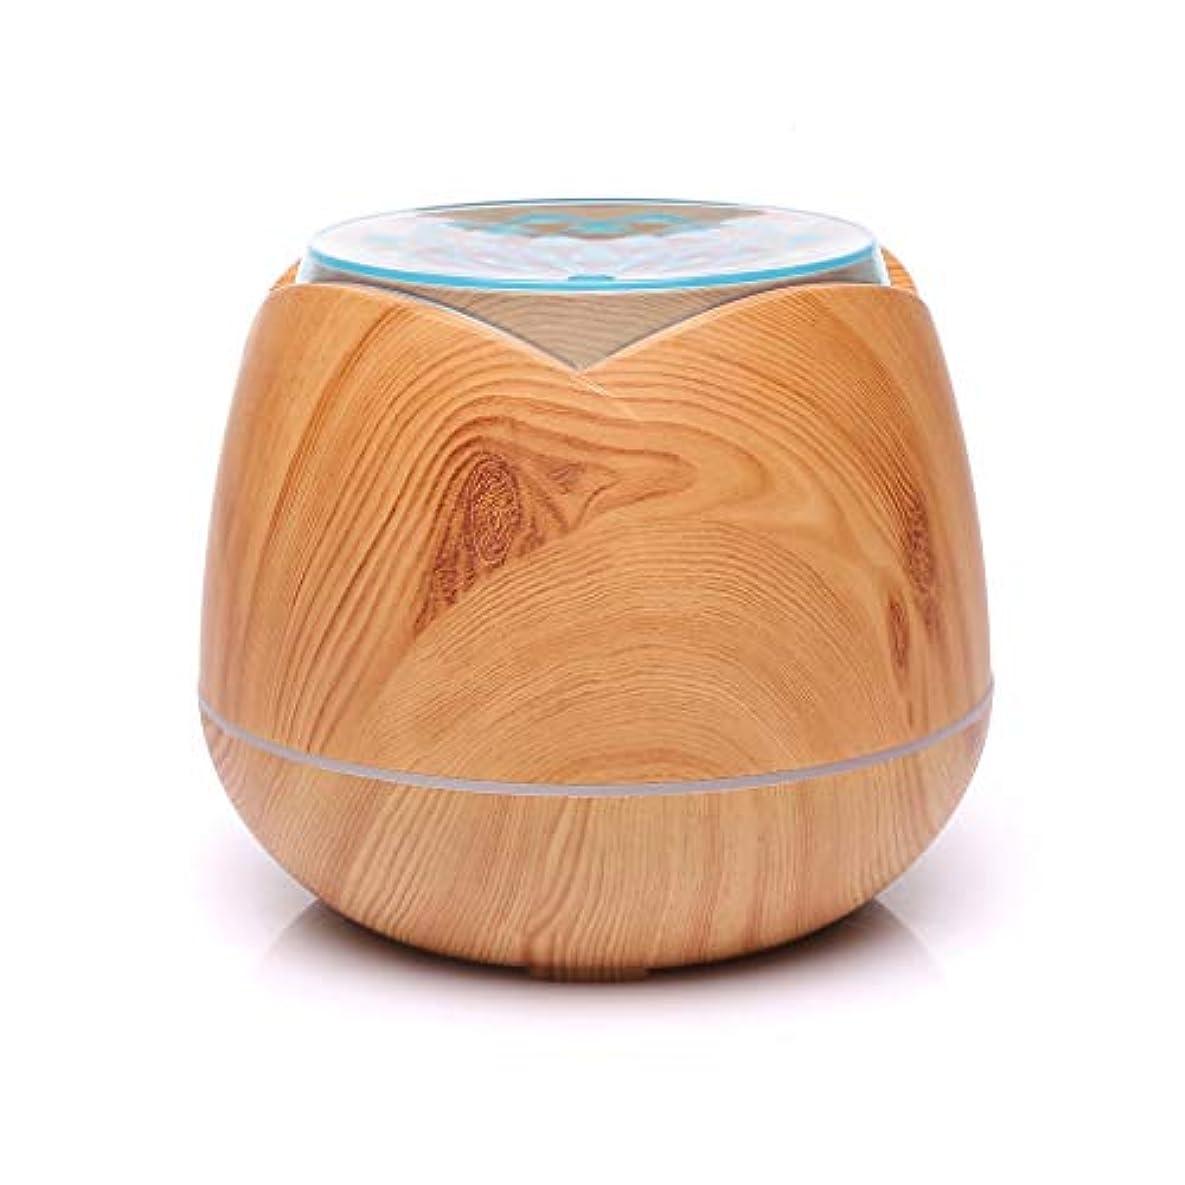 午後存在危険涼しい霧の空気加湿器、家、ヨガ、オフィス、鉱泉、寝室のために変わる色LEDライトと超音波400ml - 木目 - (Color : Light wood grain)